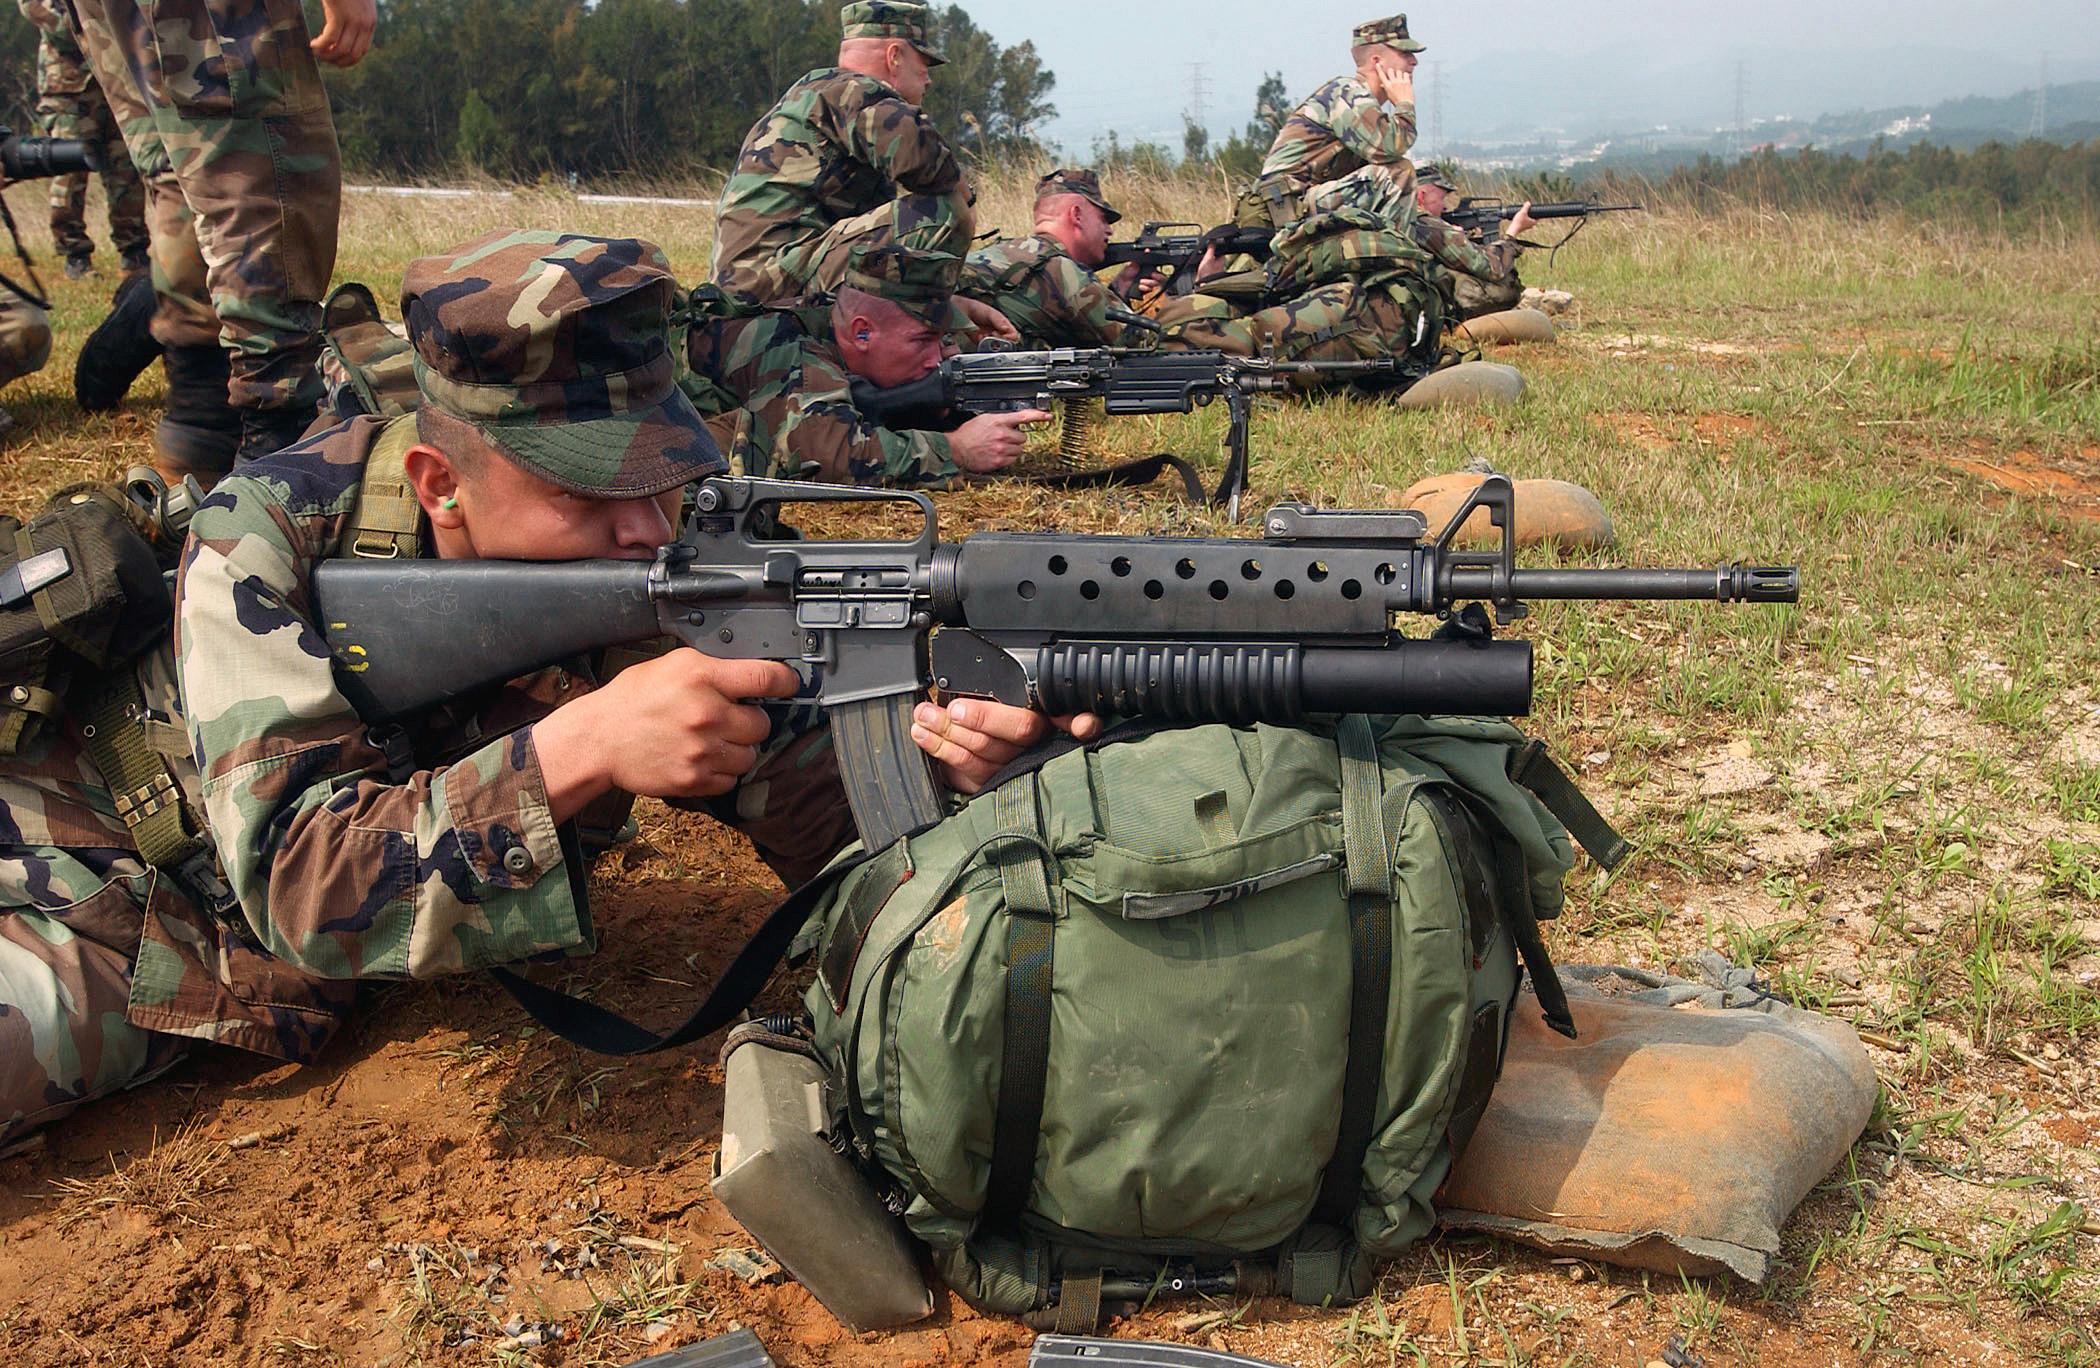 File:M16A2 M203.JPEG - Wikimedia Commons